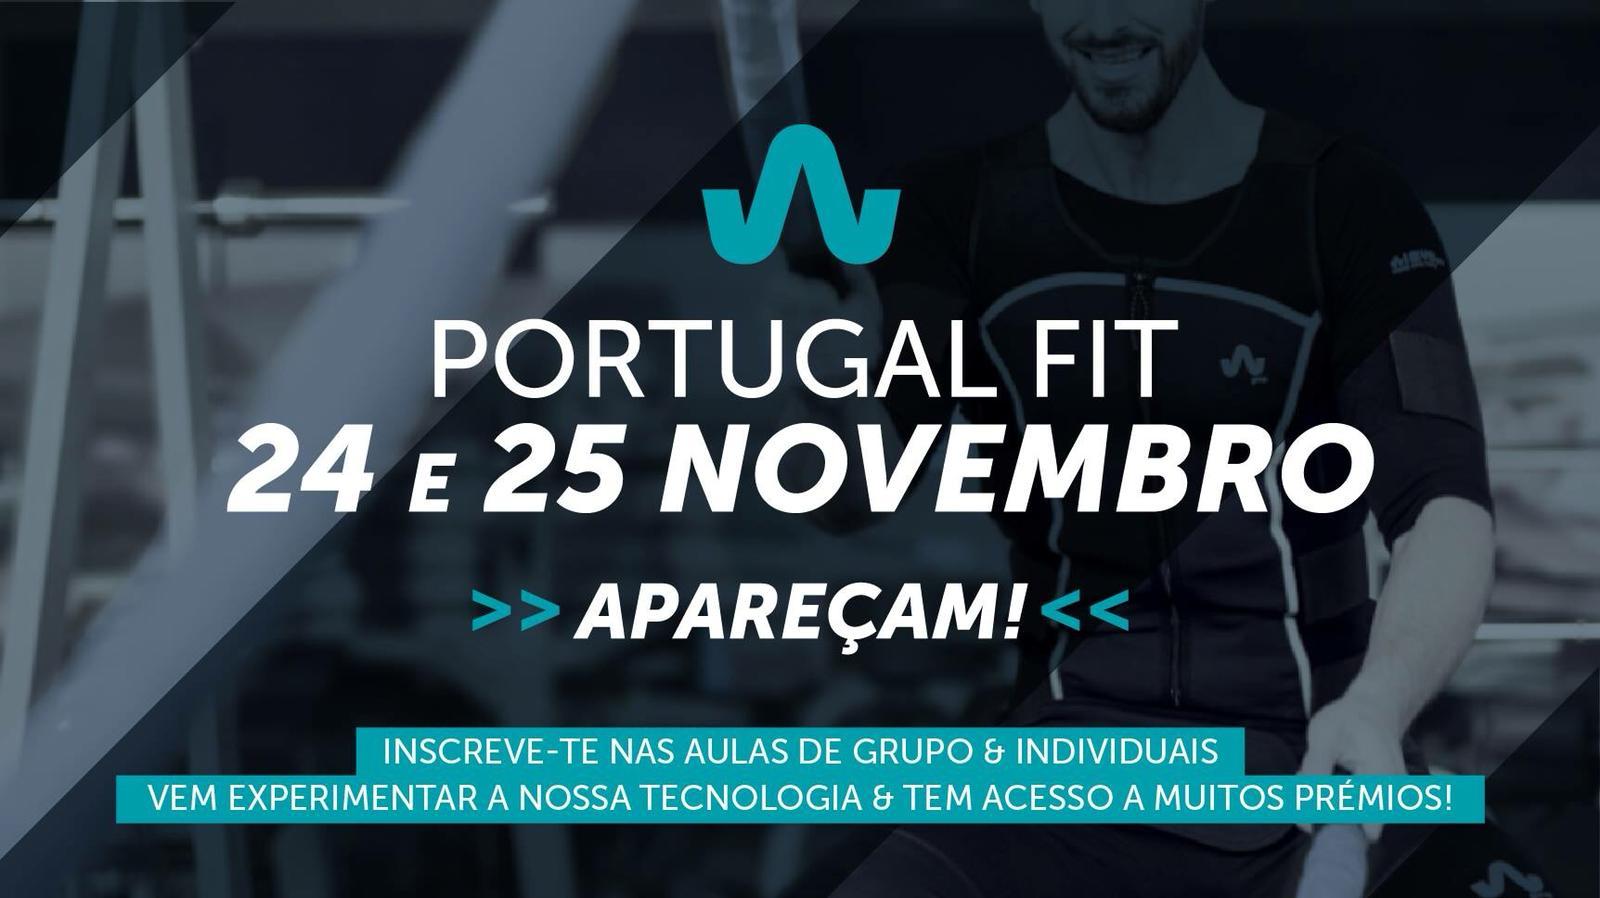 Wiemspro in Portugal Fit